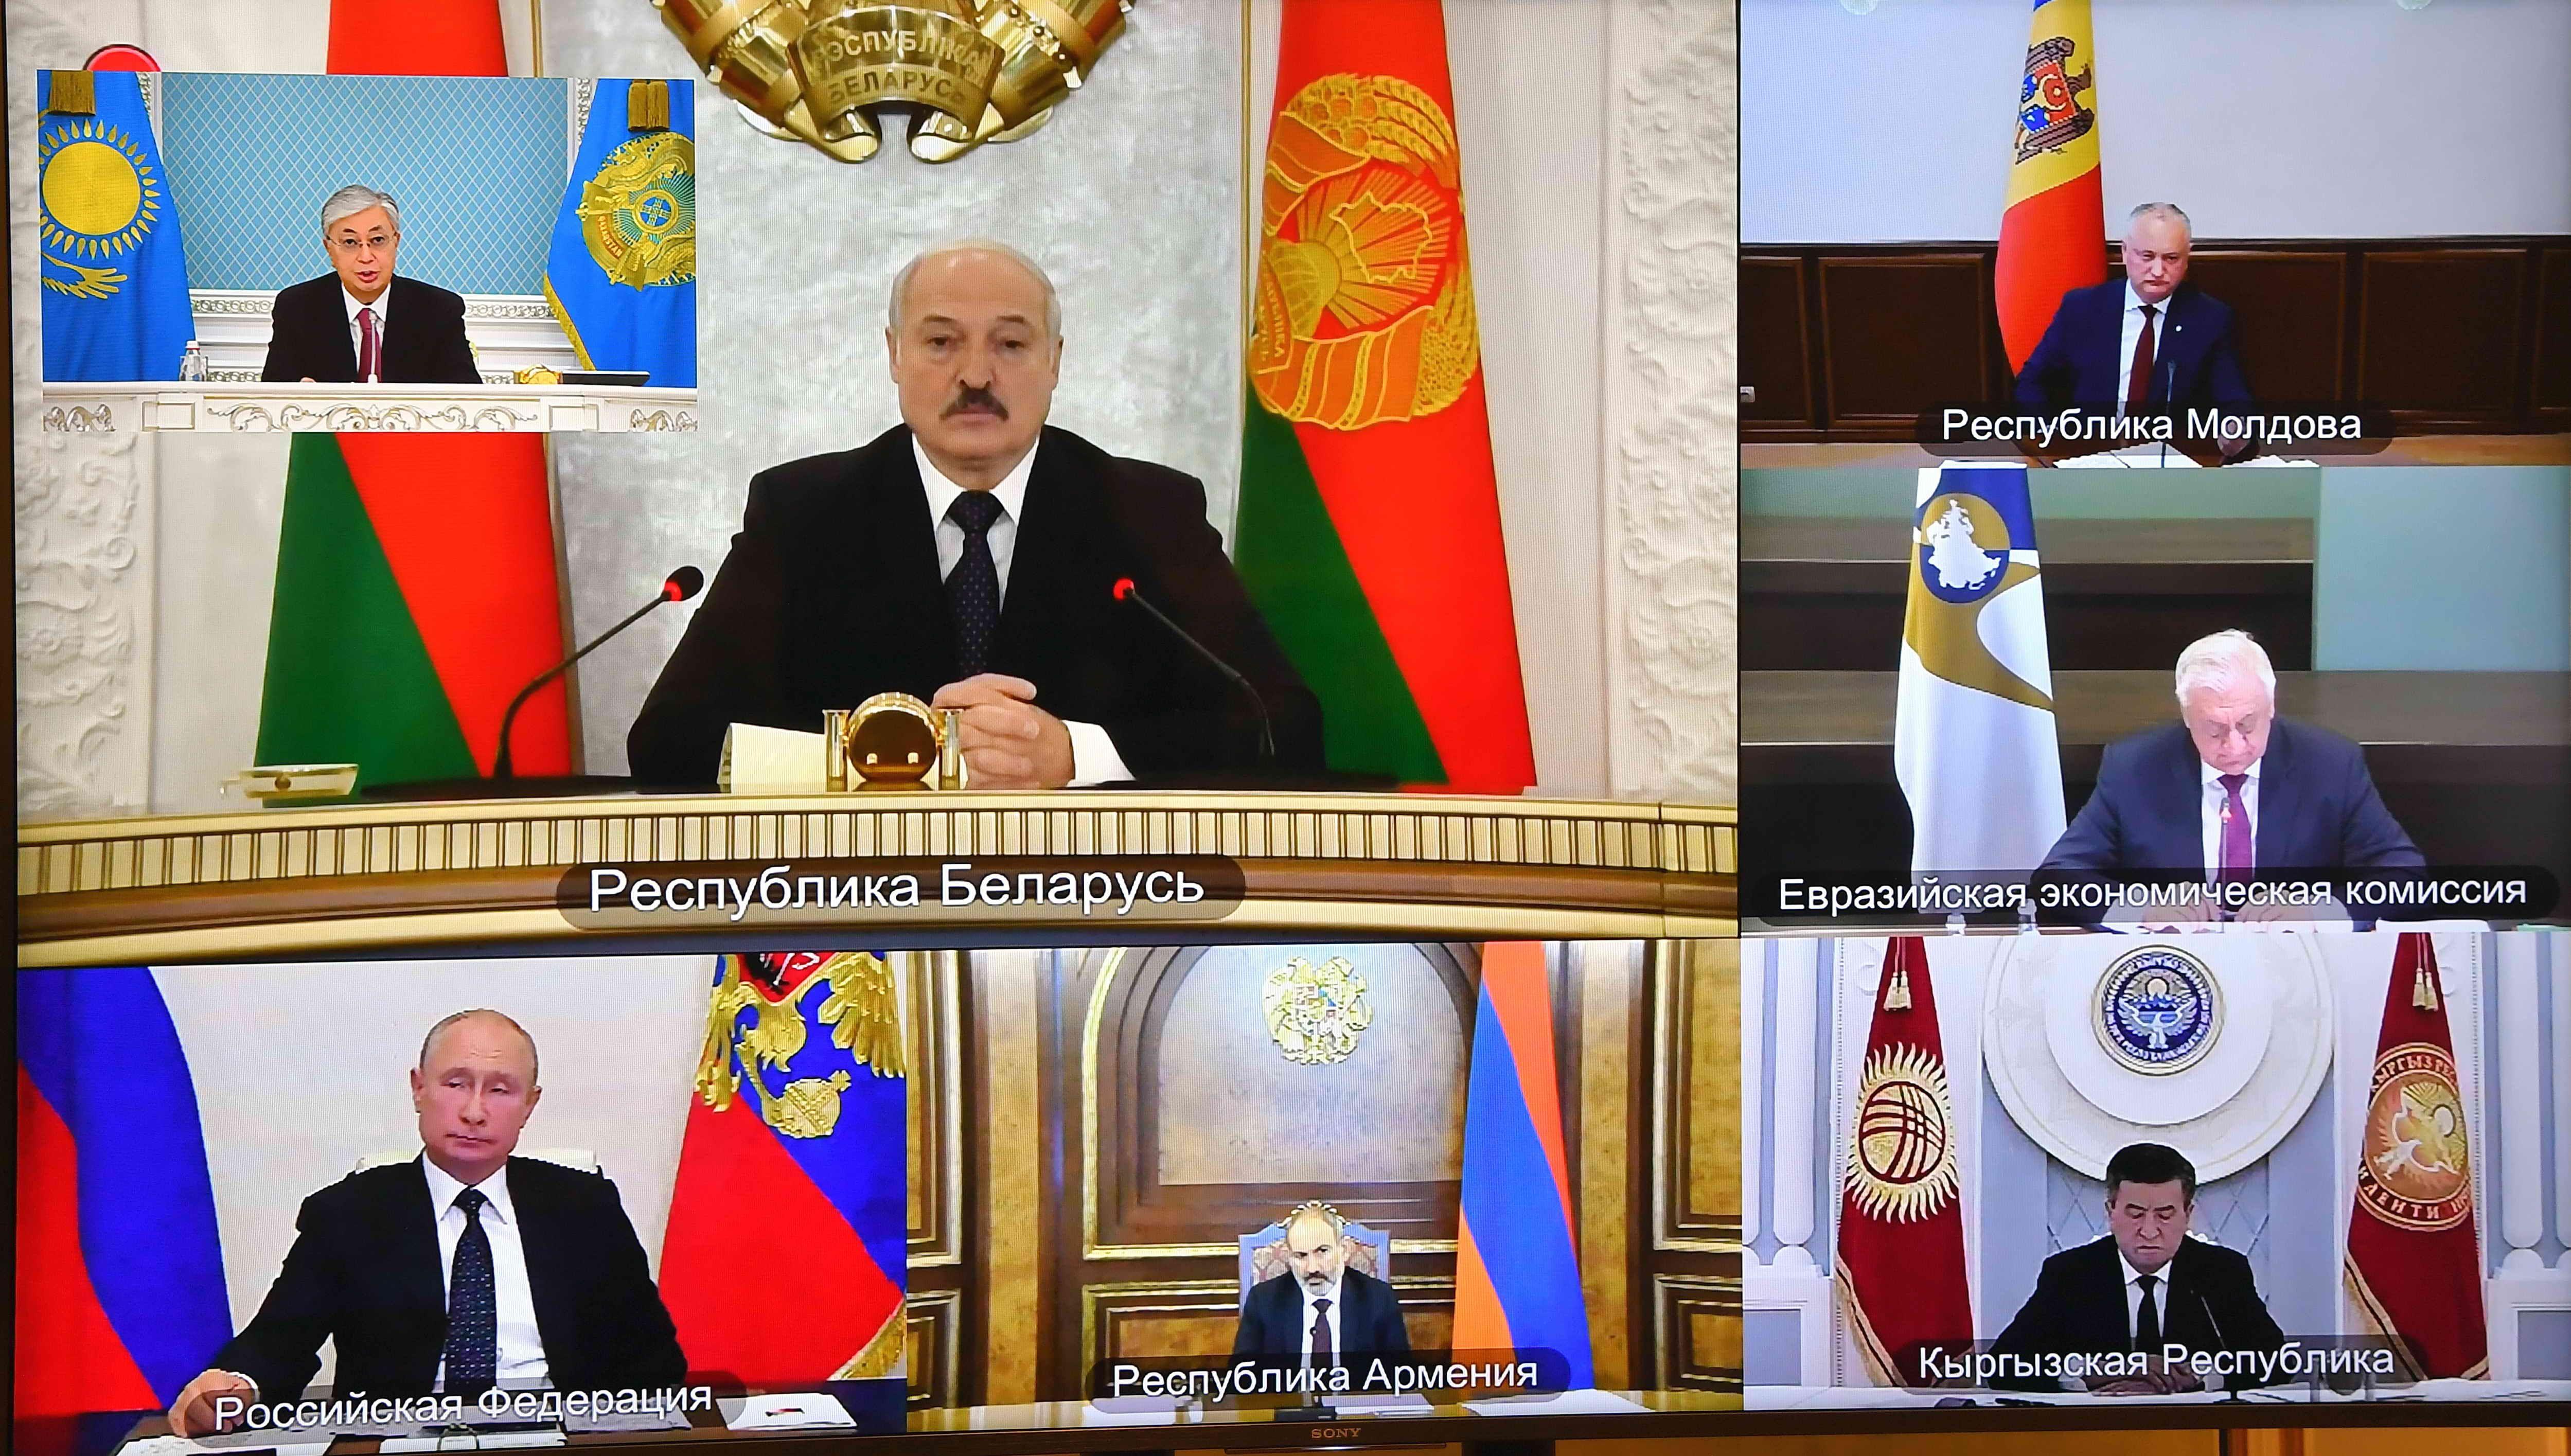 ЕАЭС: Стратегию развития интеграции направили на доработку   312578 - Kapital.kz